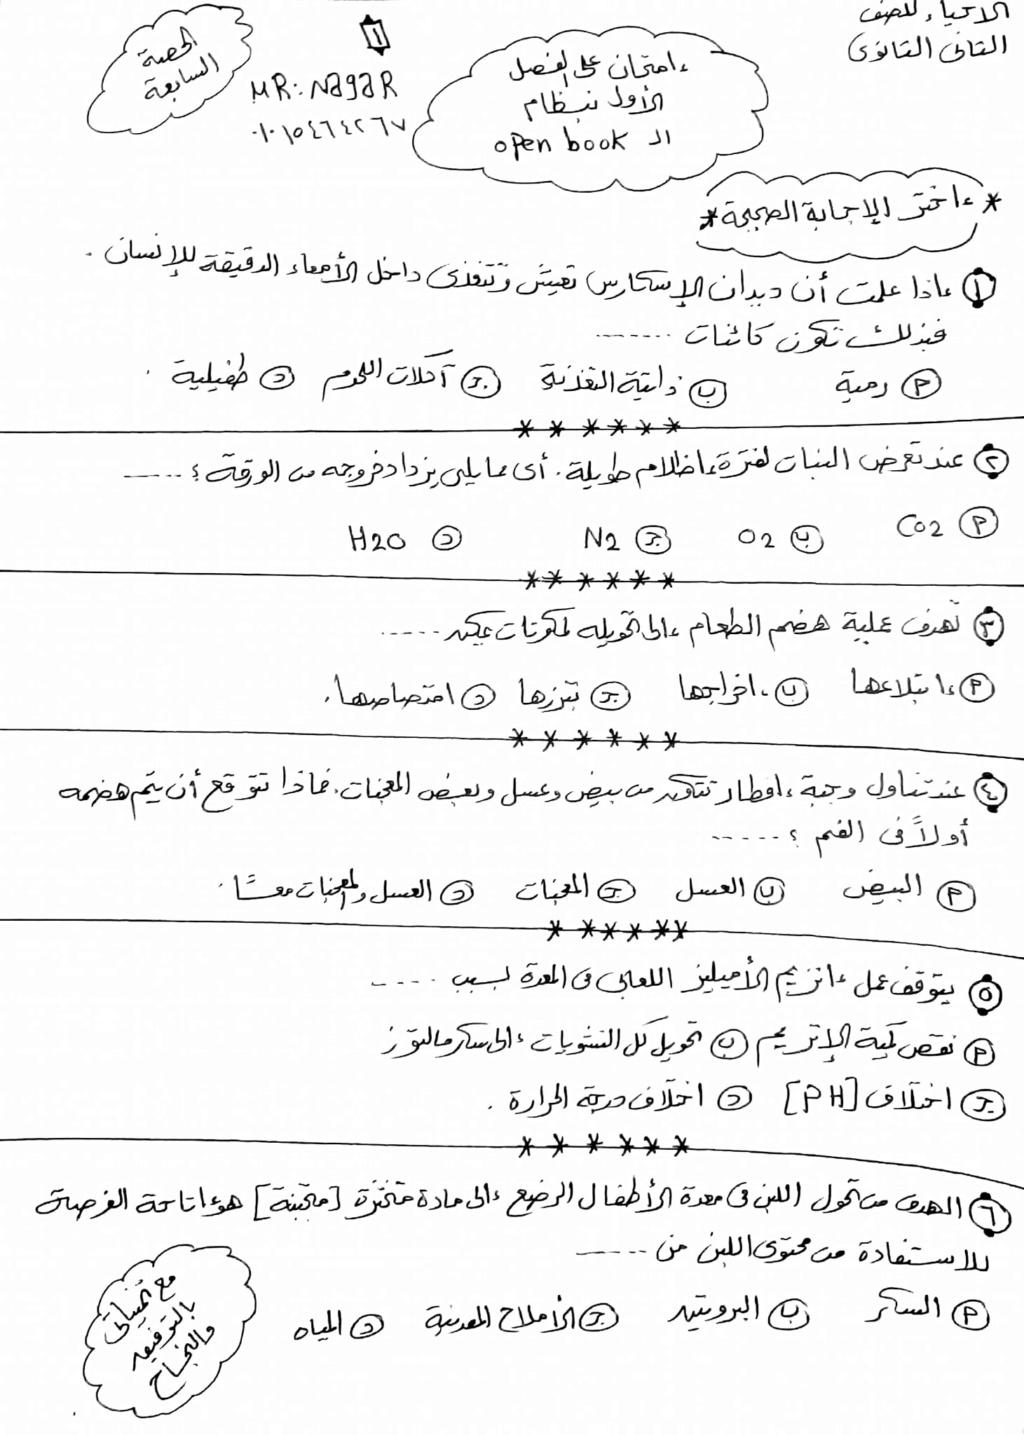 إمتحان شامل على الفصل الأول - احياء 2 ثانوي نظام جديد بالحل 12530